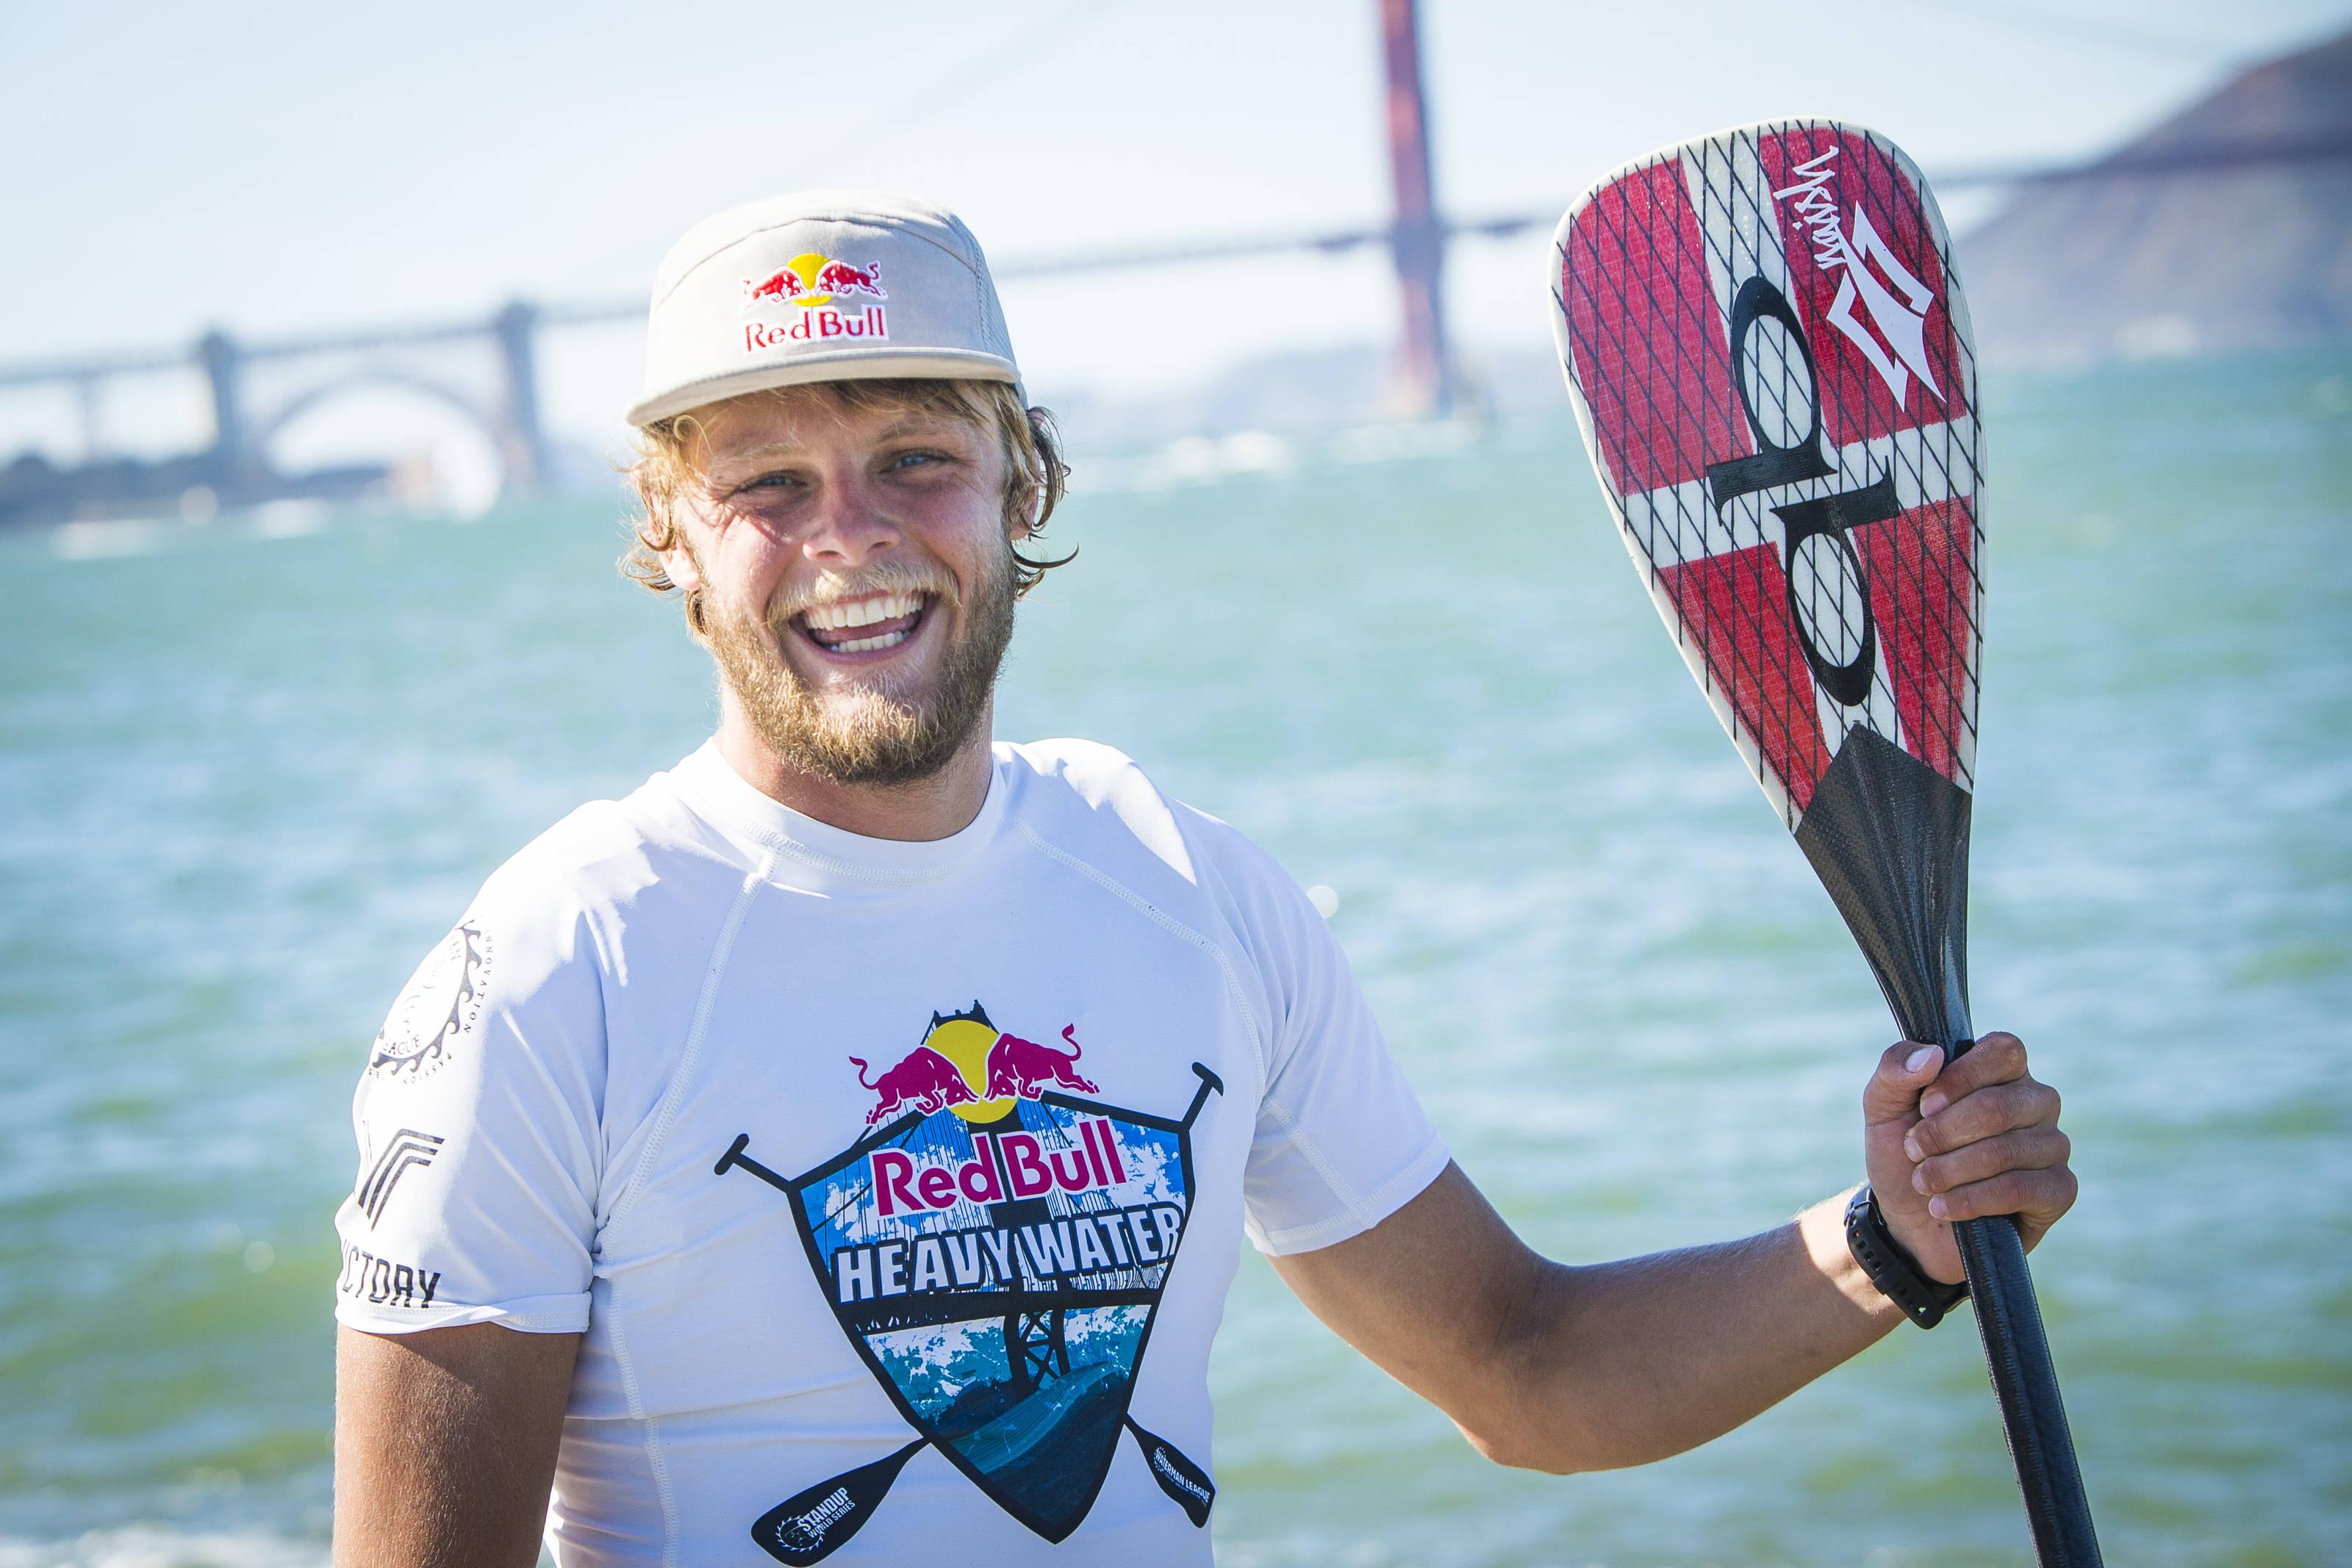 En tilfreds Dansk Viking. Photo: Trevor Clark Red Bull Content Pool